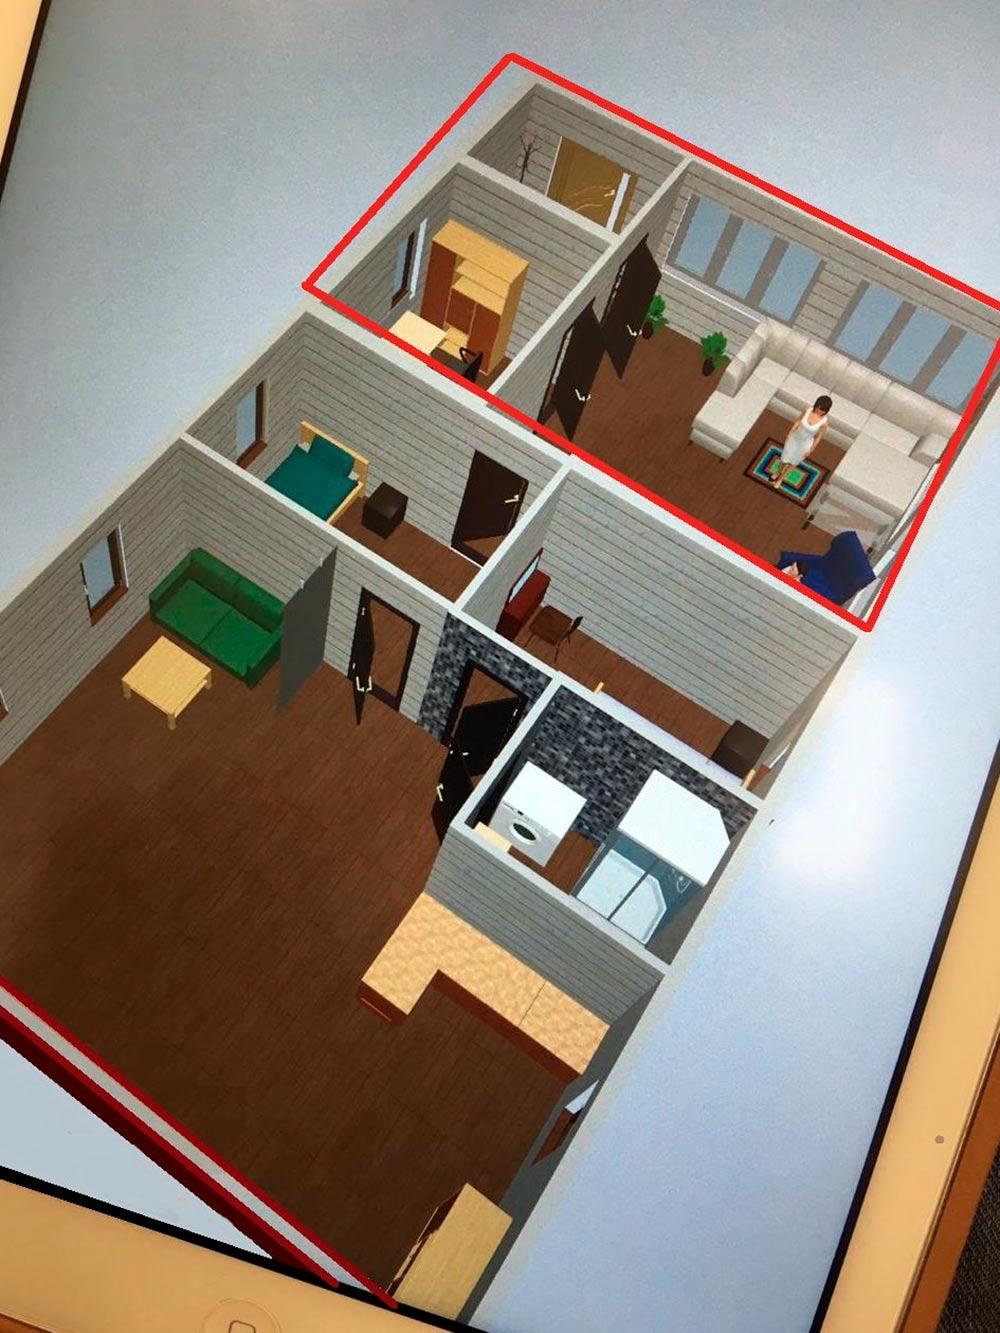 Красным выделена часть, которую мы планируем достроить. Там будет зимний вход, гардеробная и гостиная с панорамными окнами. Кухня-гостиная станет столовой с большим столом и стульями. Наша спальня-гардеробная будет проходной комнатой с уютным местом длясна